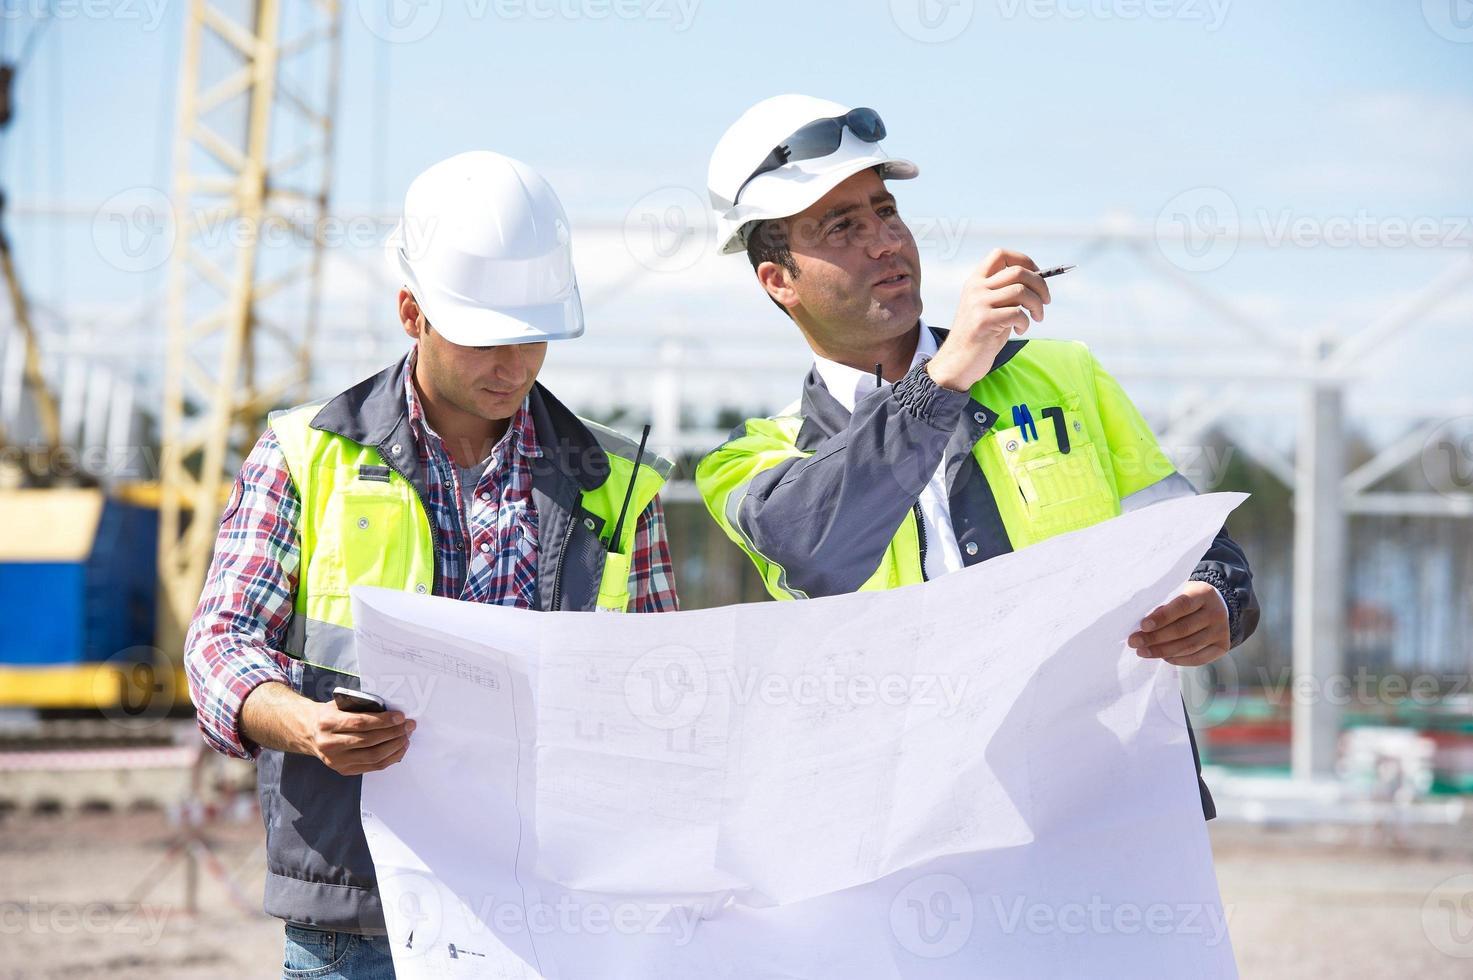 ingenieurs op de bouwplaats foto